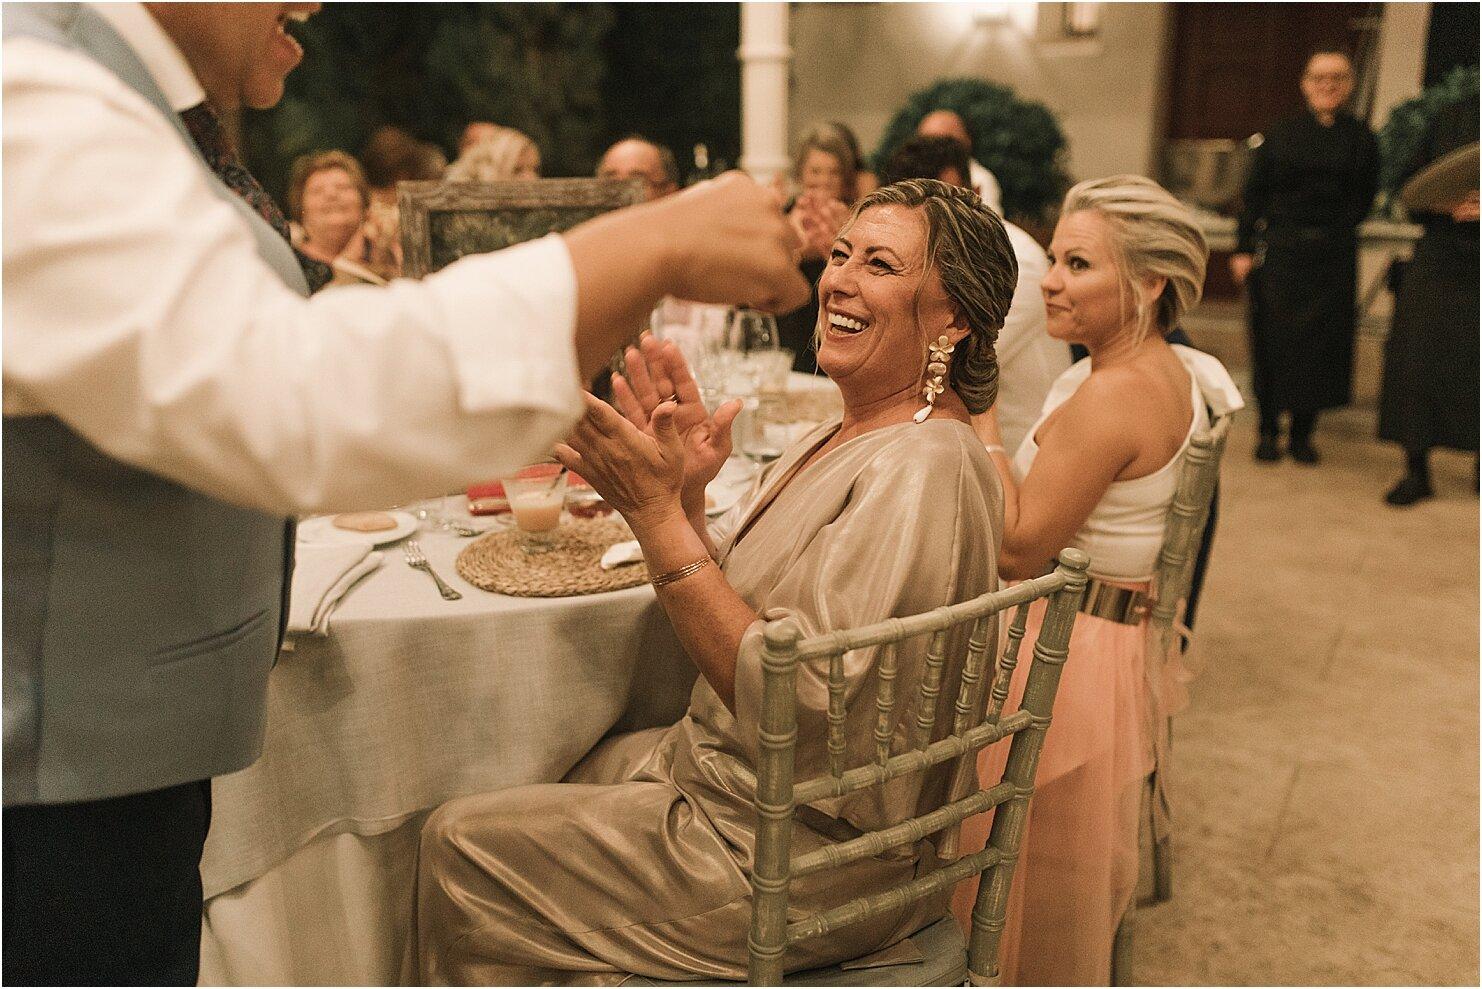 boda-romantica-boda-boho-vestido-de-novia-laura-lomas86.jpg